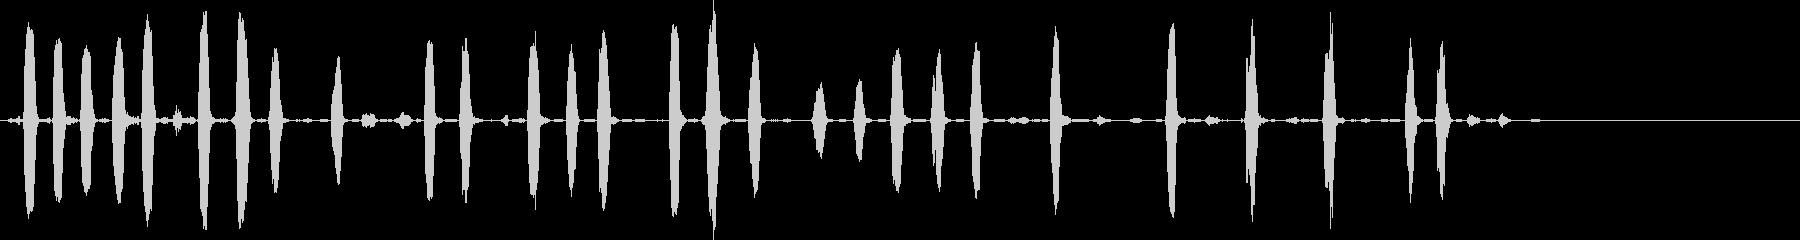 Barえる犬1 2の未再生の波形